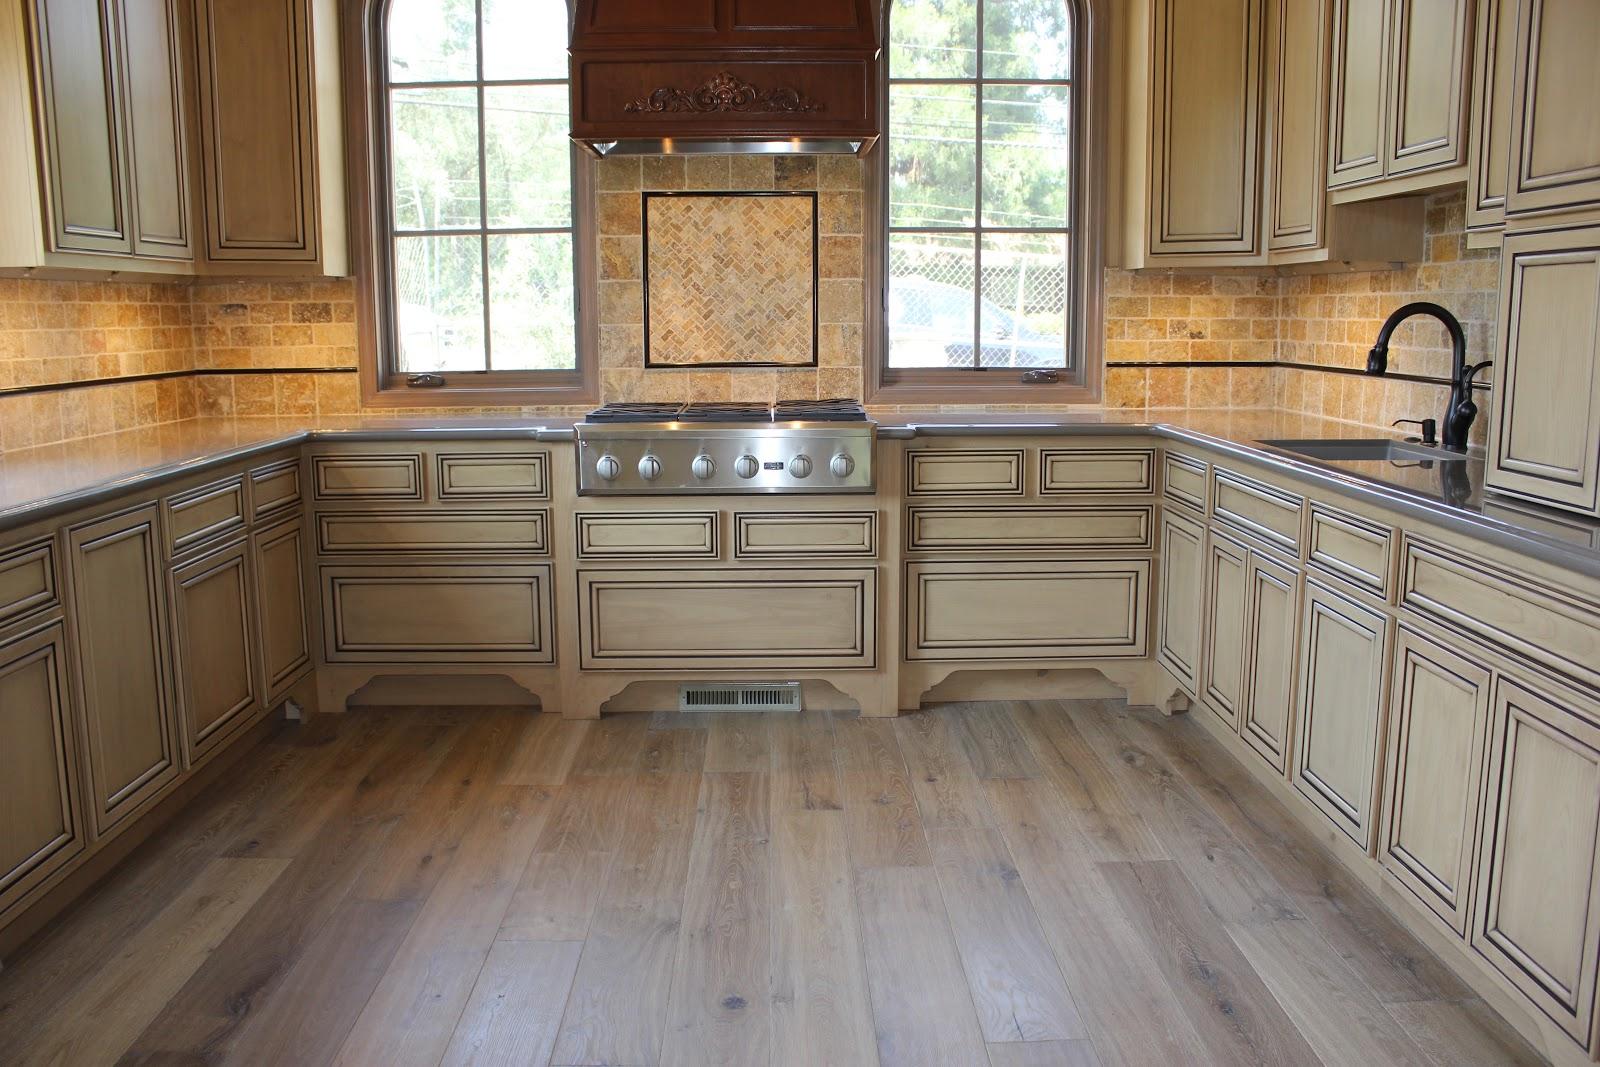 Wooden Floor Tile Design